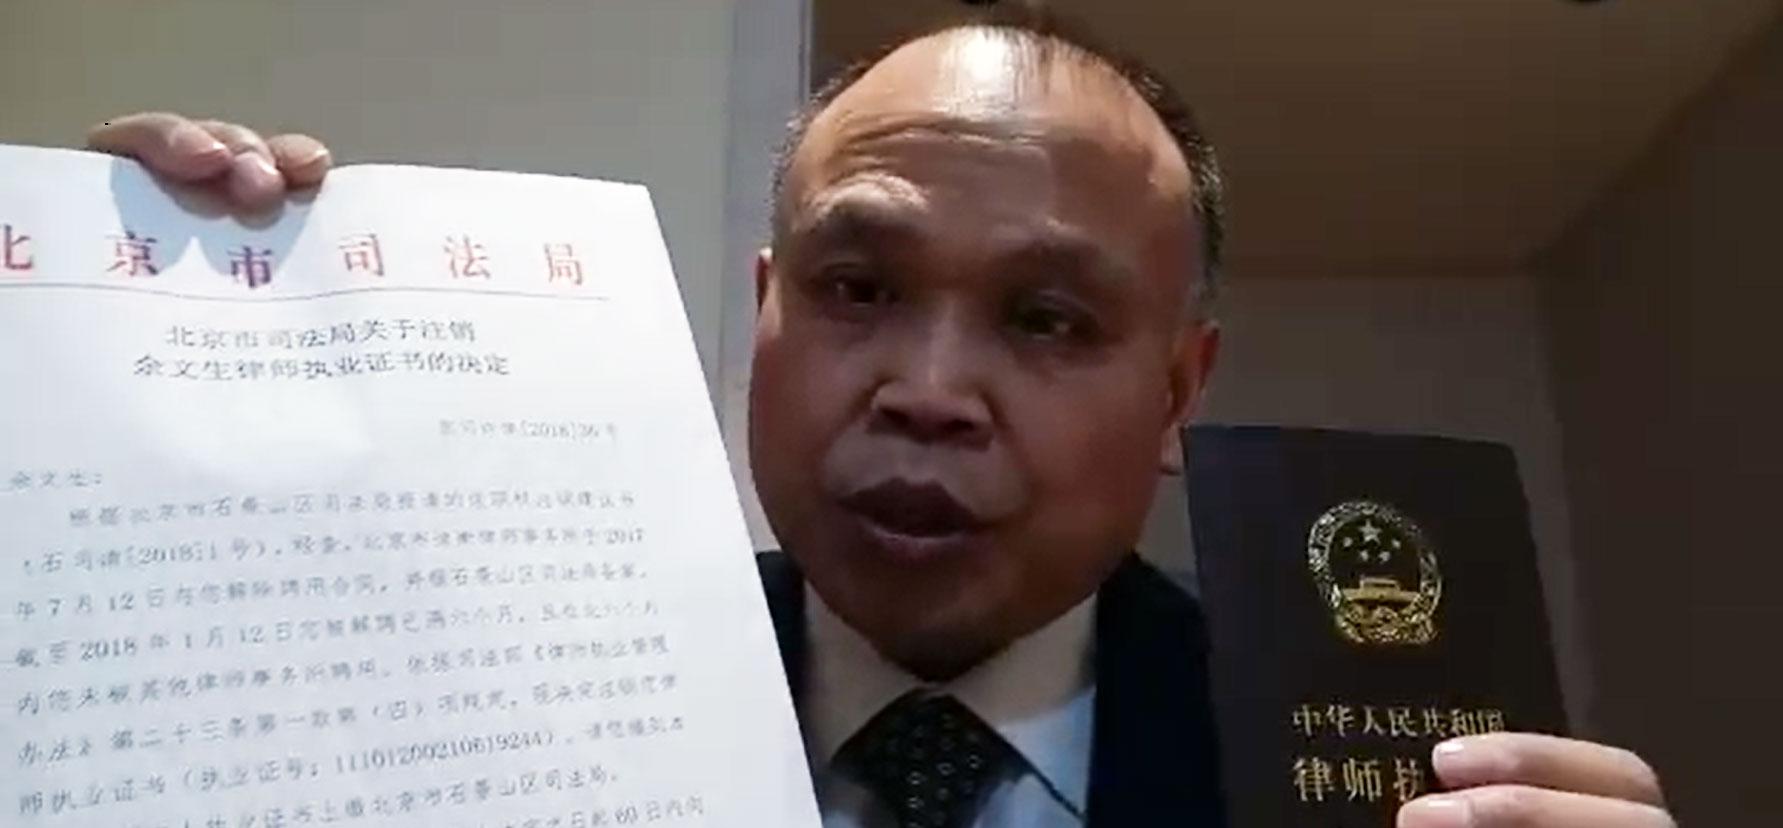 资料图片:2018年1月16日,北京维权律师余文生展示北京司法局的吊销执业资格通知书。(余文生独家提供)